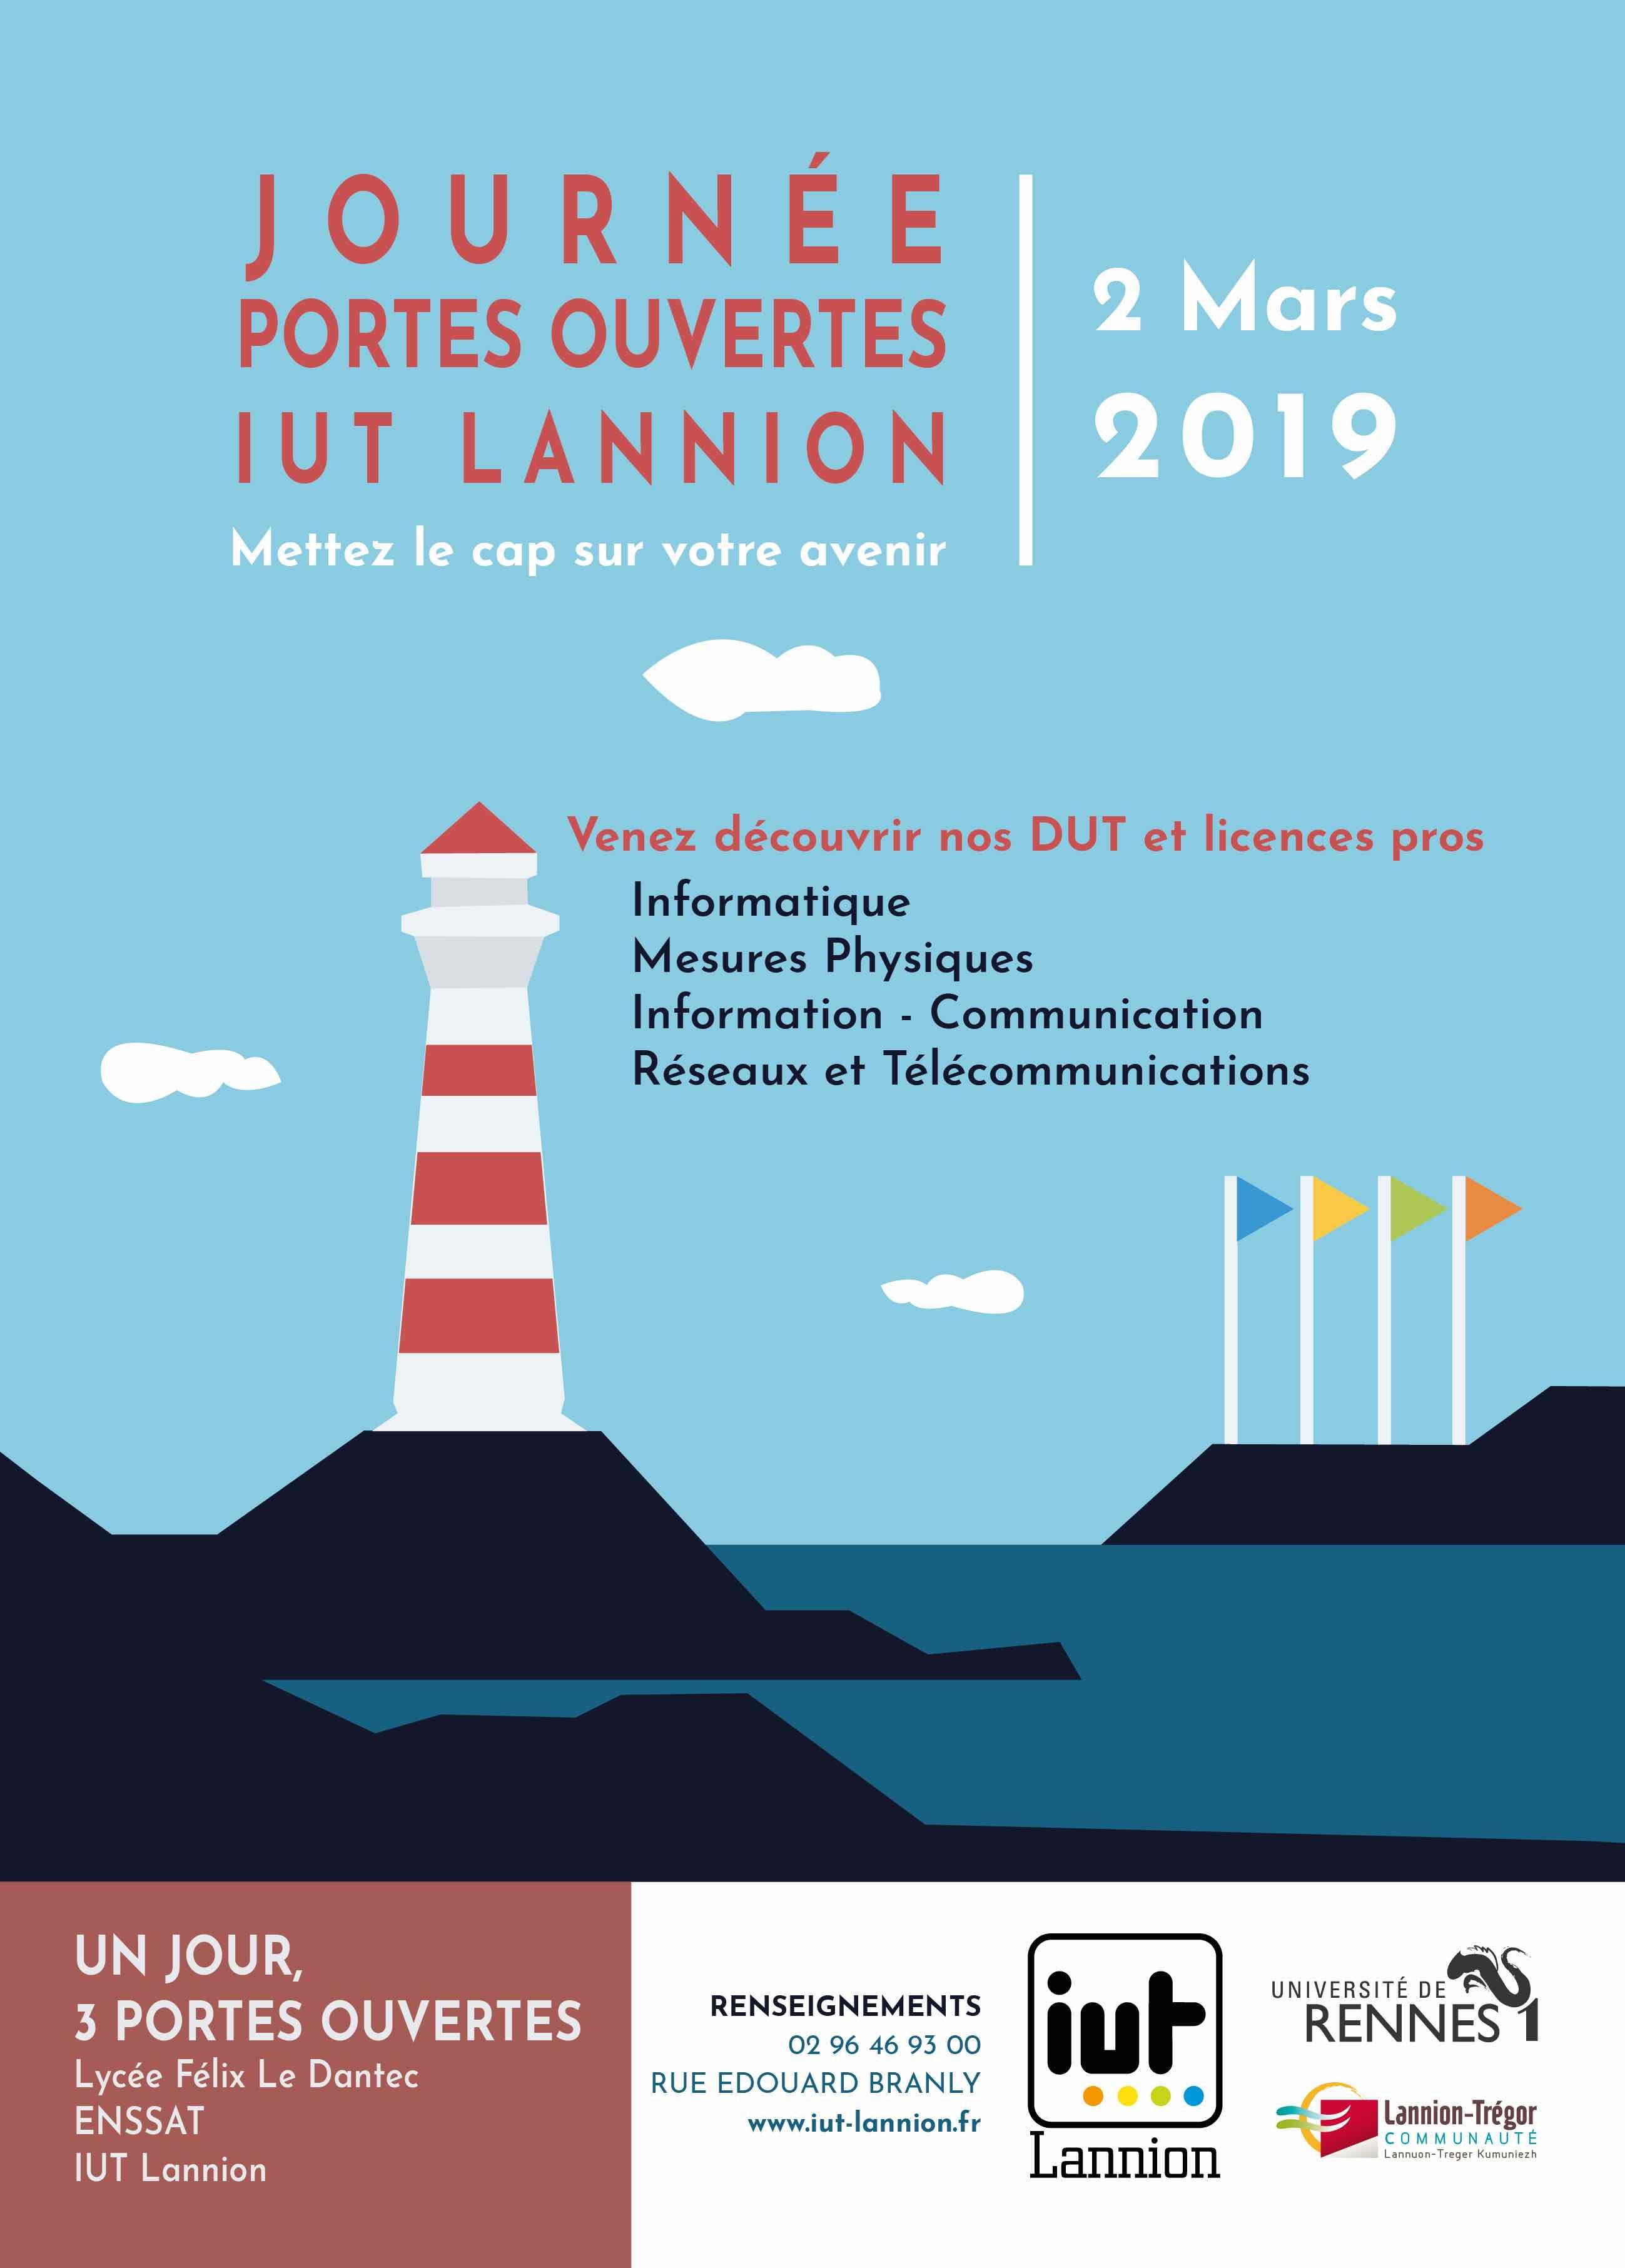 JPO le 2 mars 2019 à l'IUT de Lannion